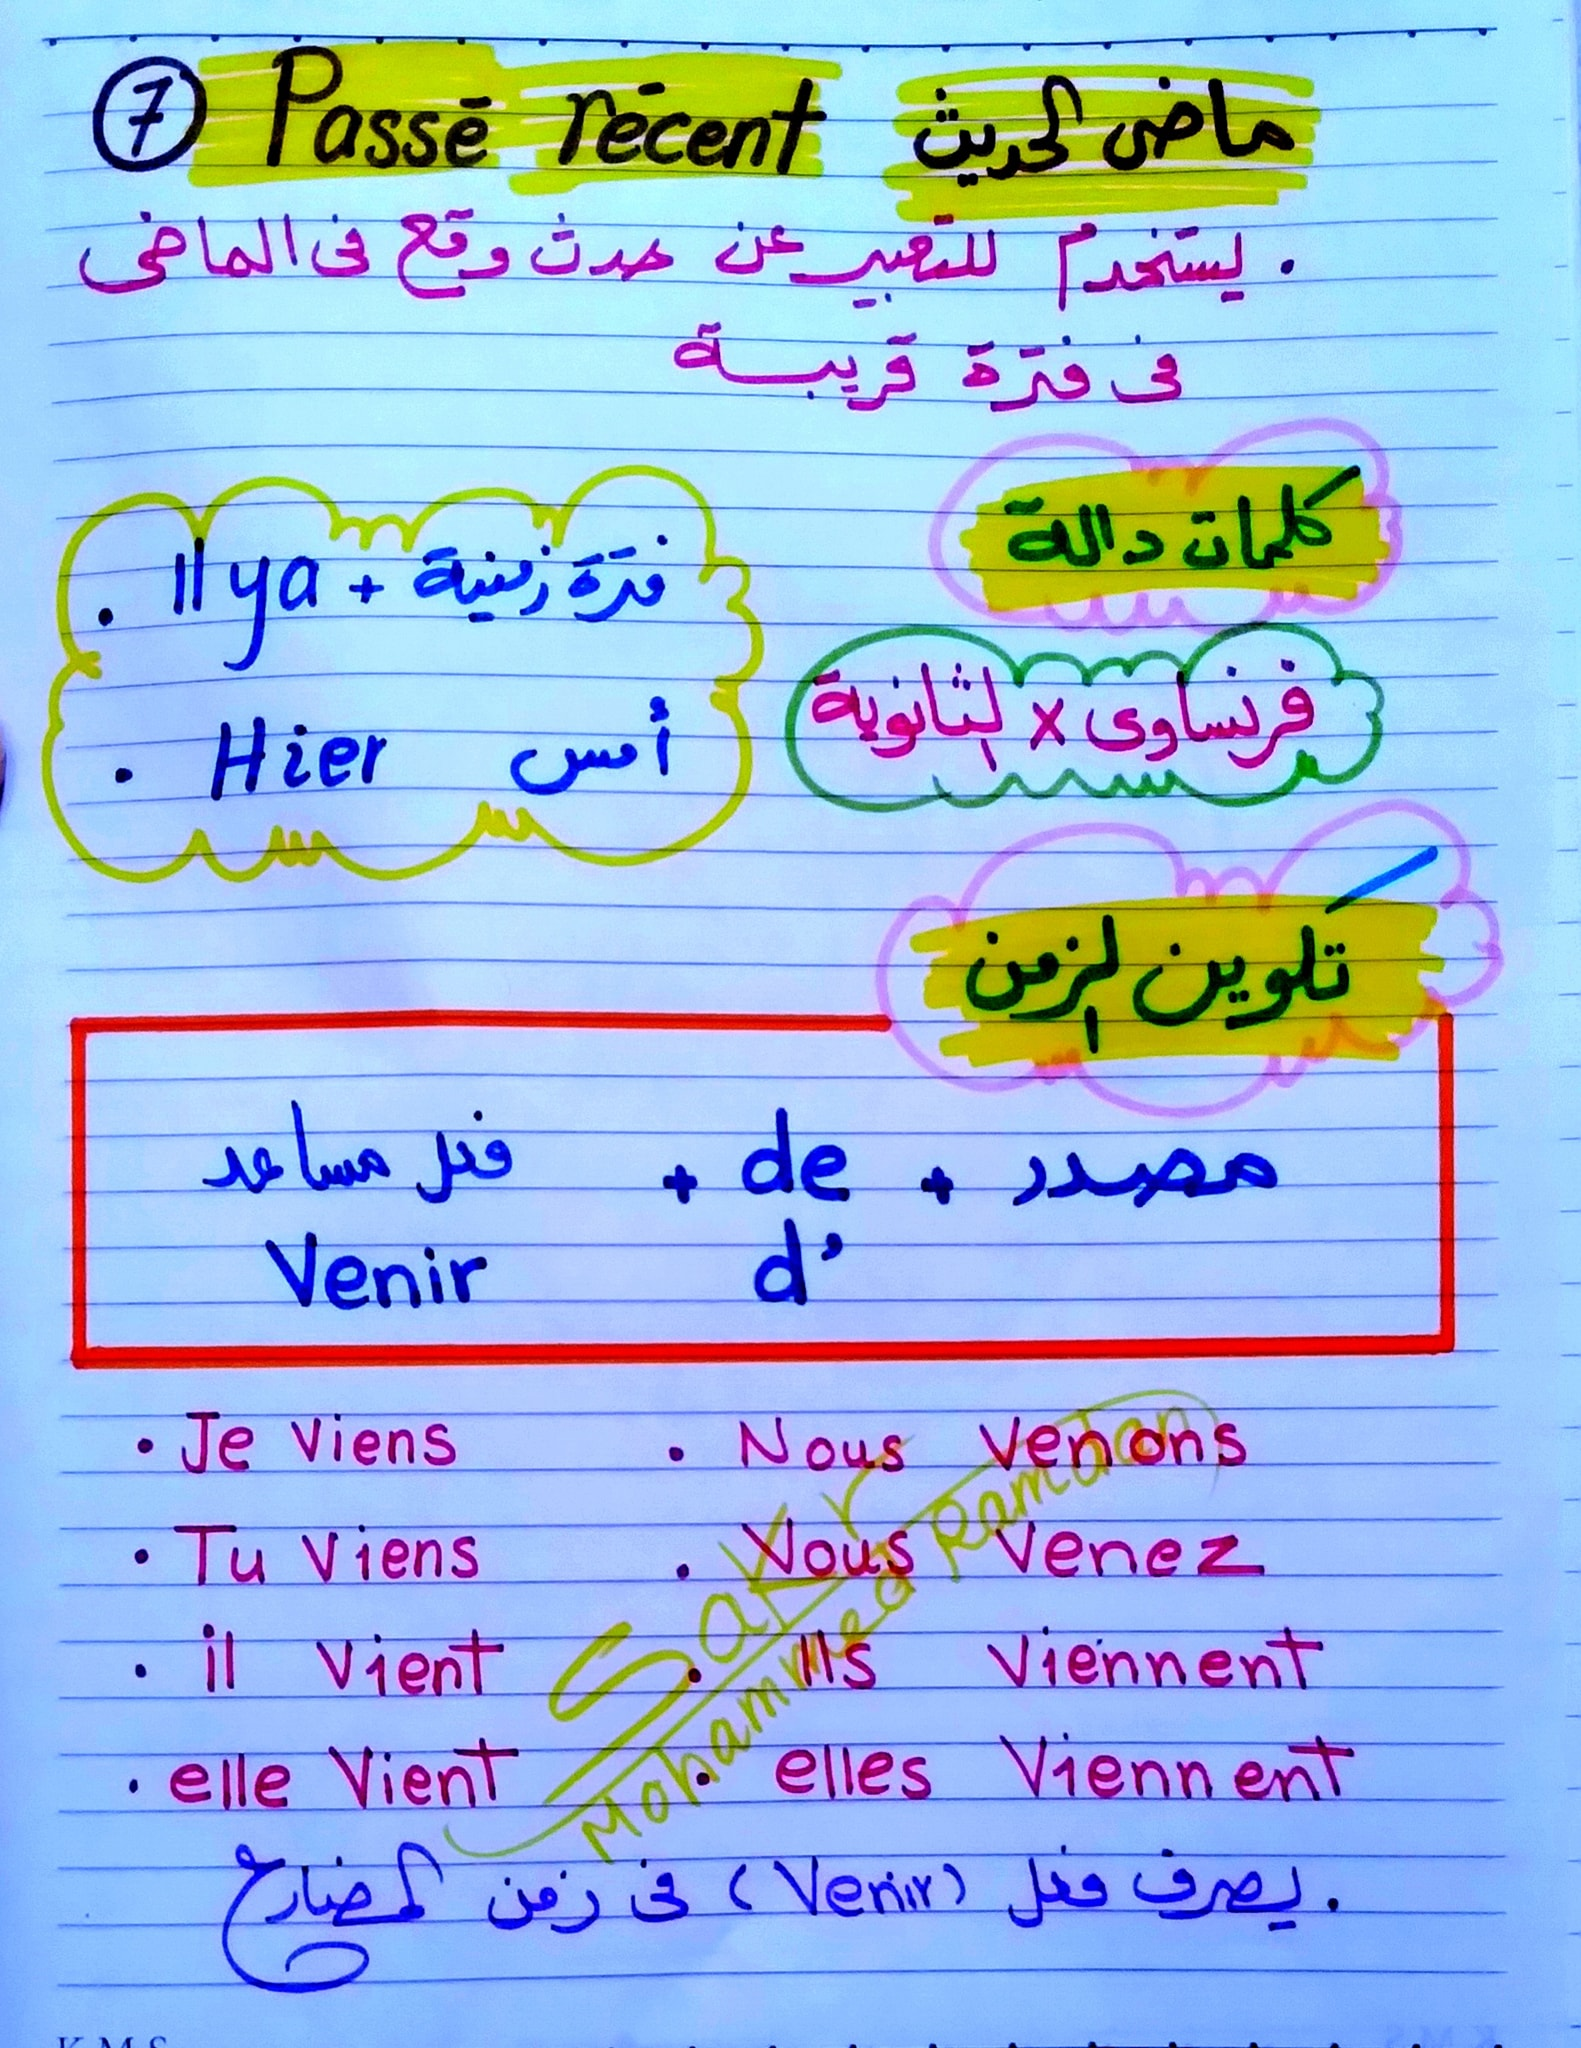 مراجعة لغة فرنسية للصف الثانى الثانوى ترم ثاني مسيو محمد رمضان 8